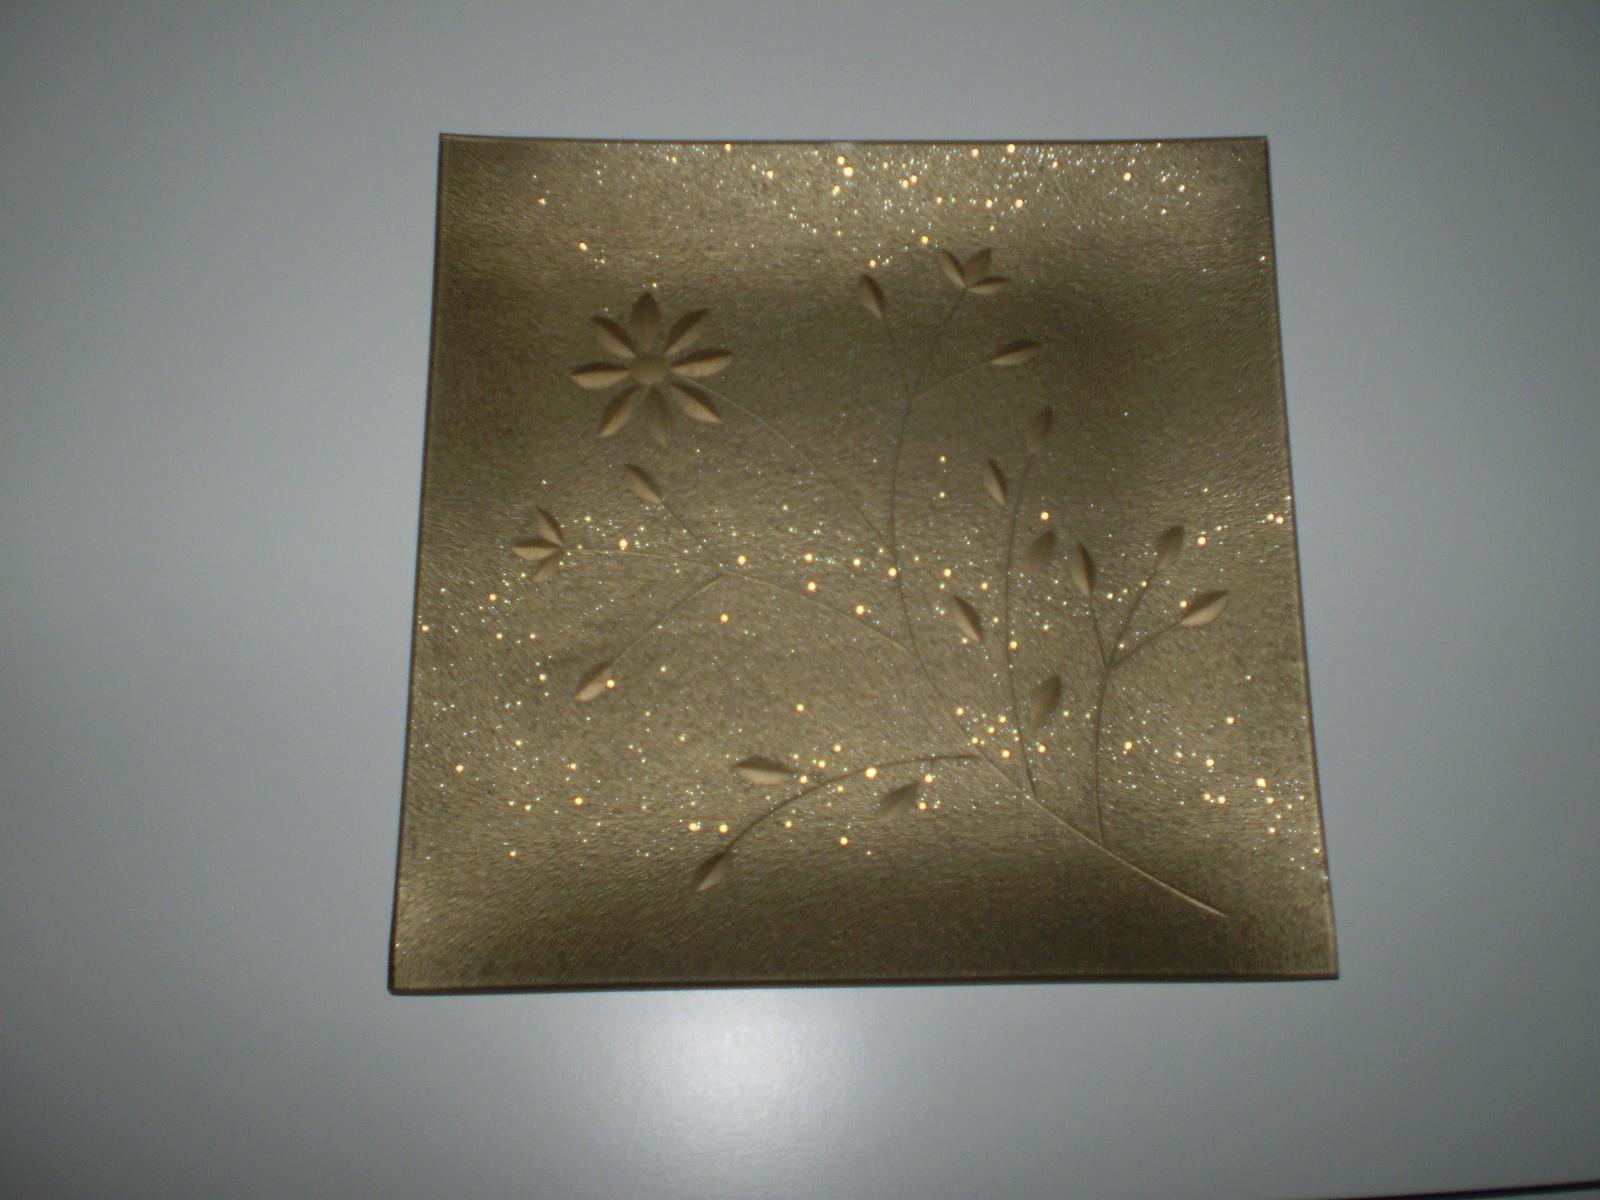 zlatý tanier - Obrázok č. 1